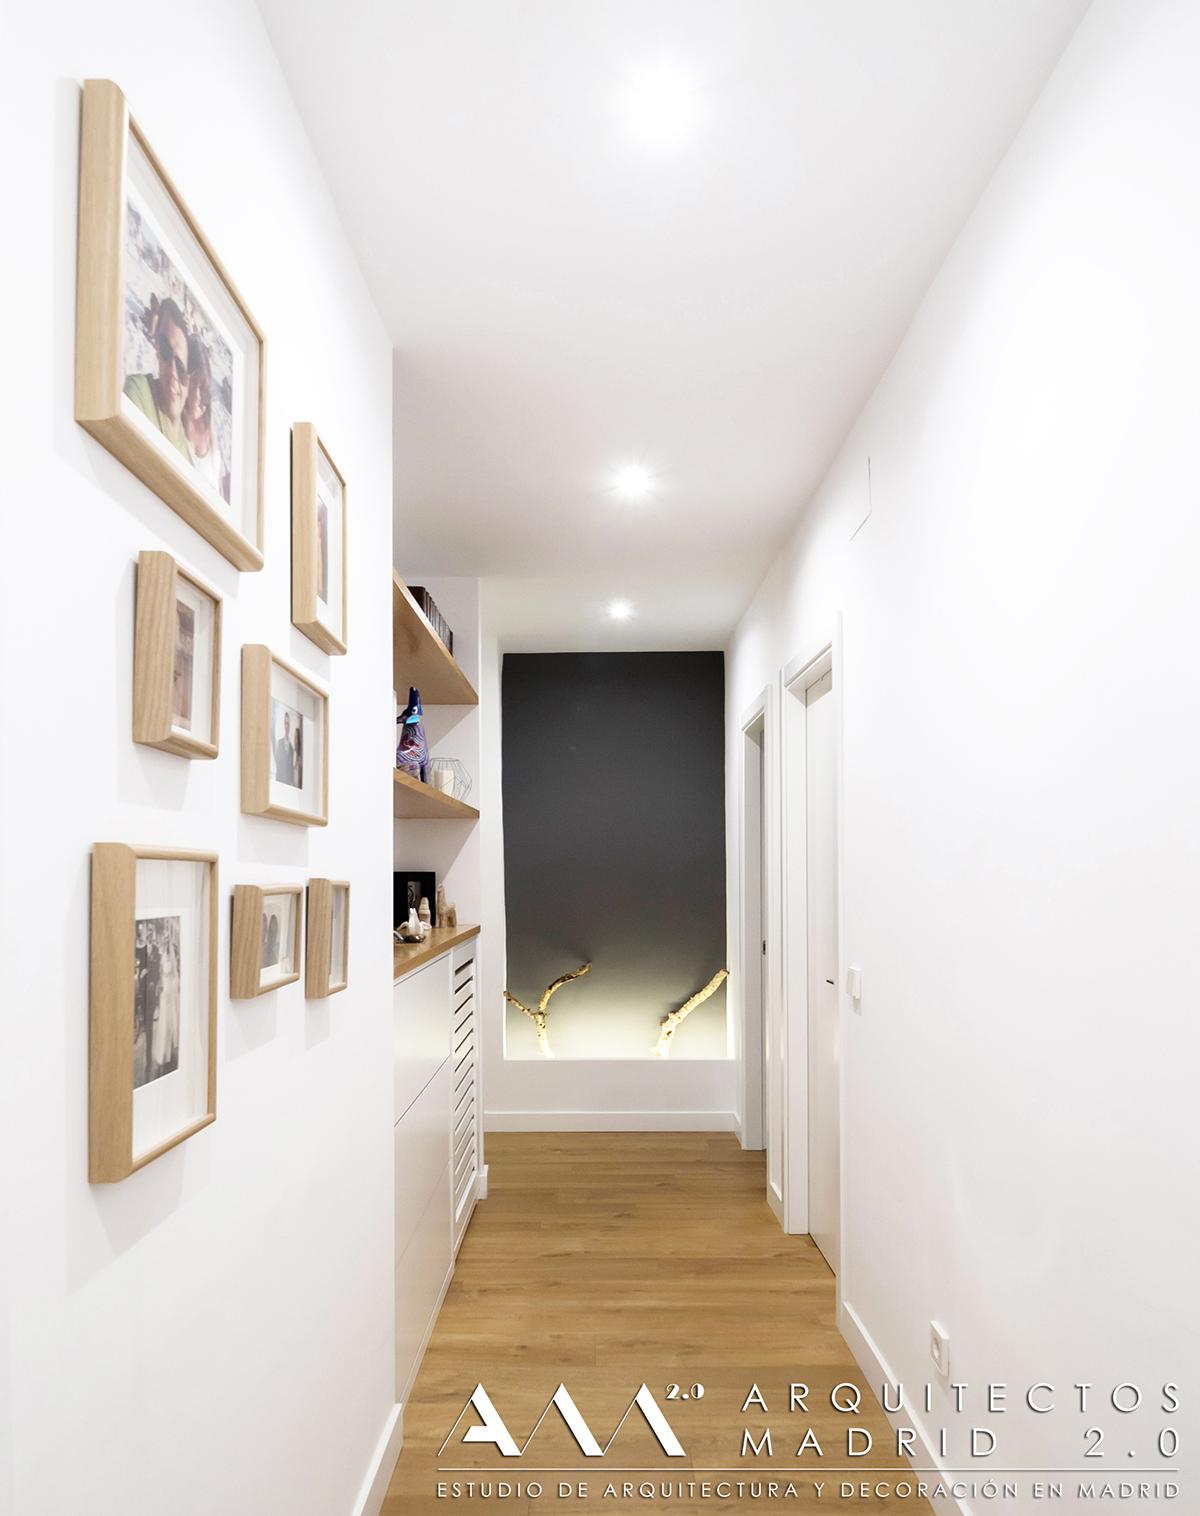 Proyectos y Obras de Arquitectos Madrid 2.0 | Ideas viviendas y reformas